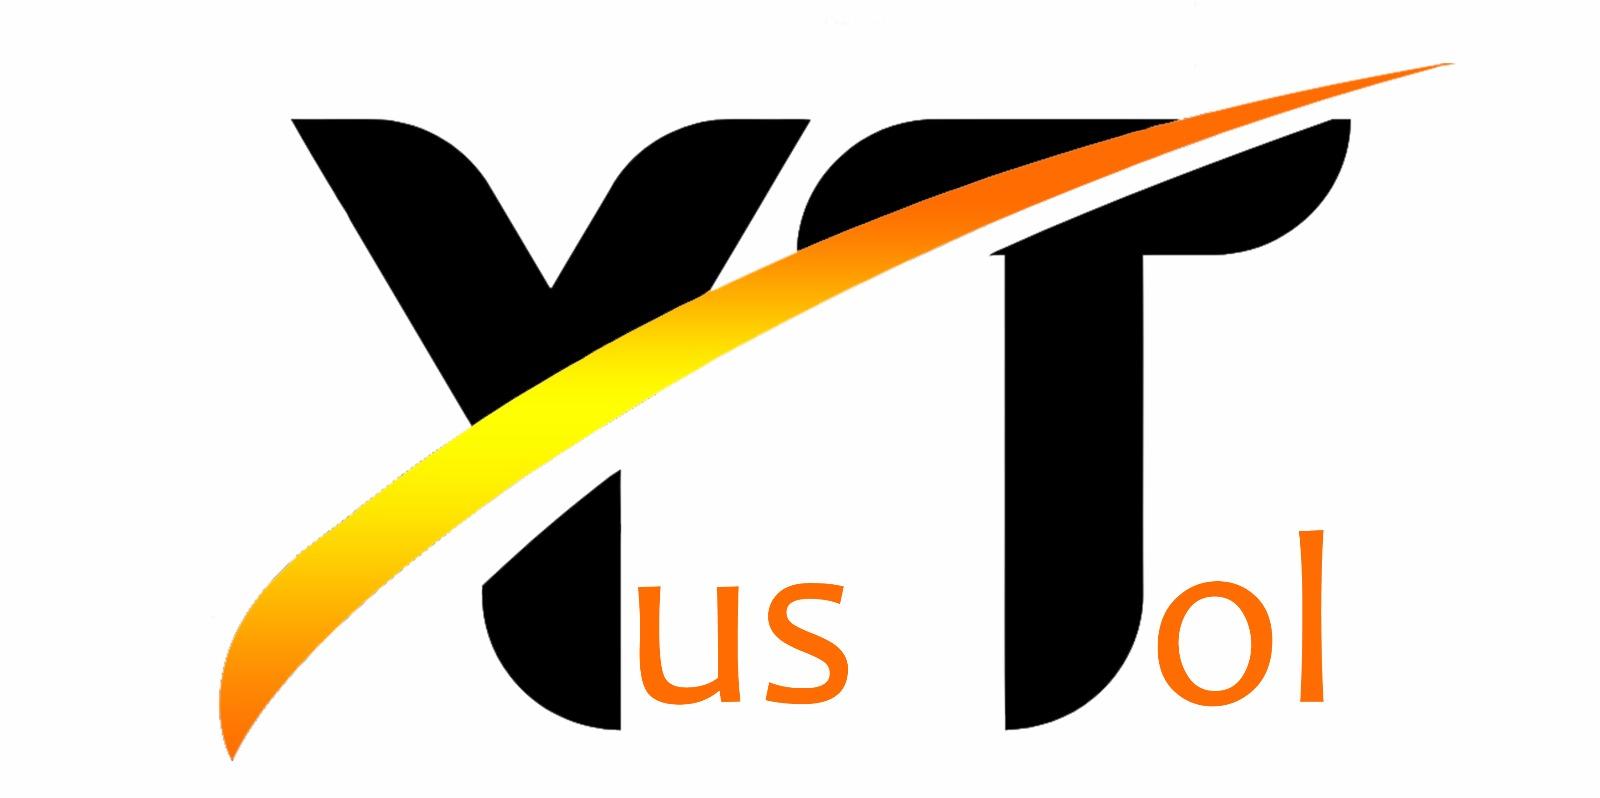 YusTol